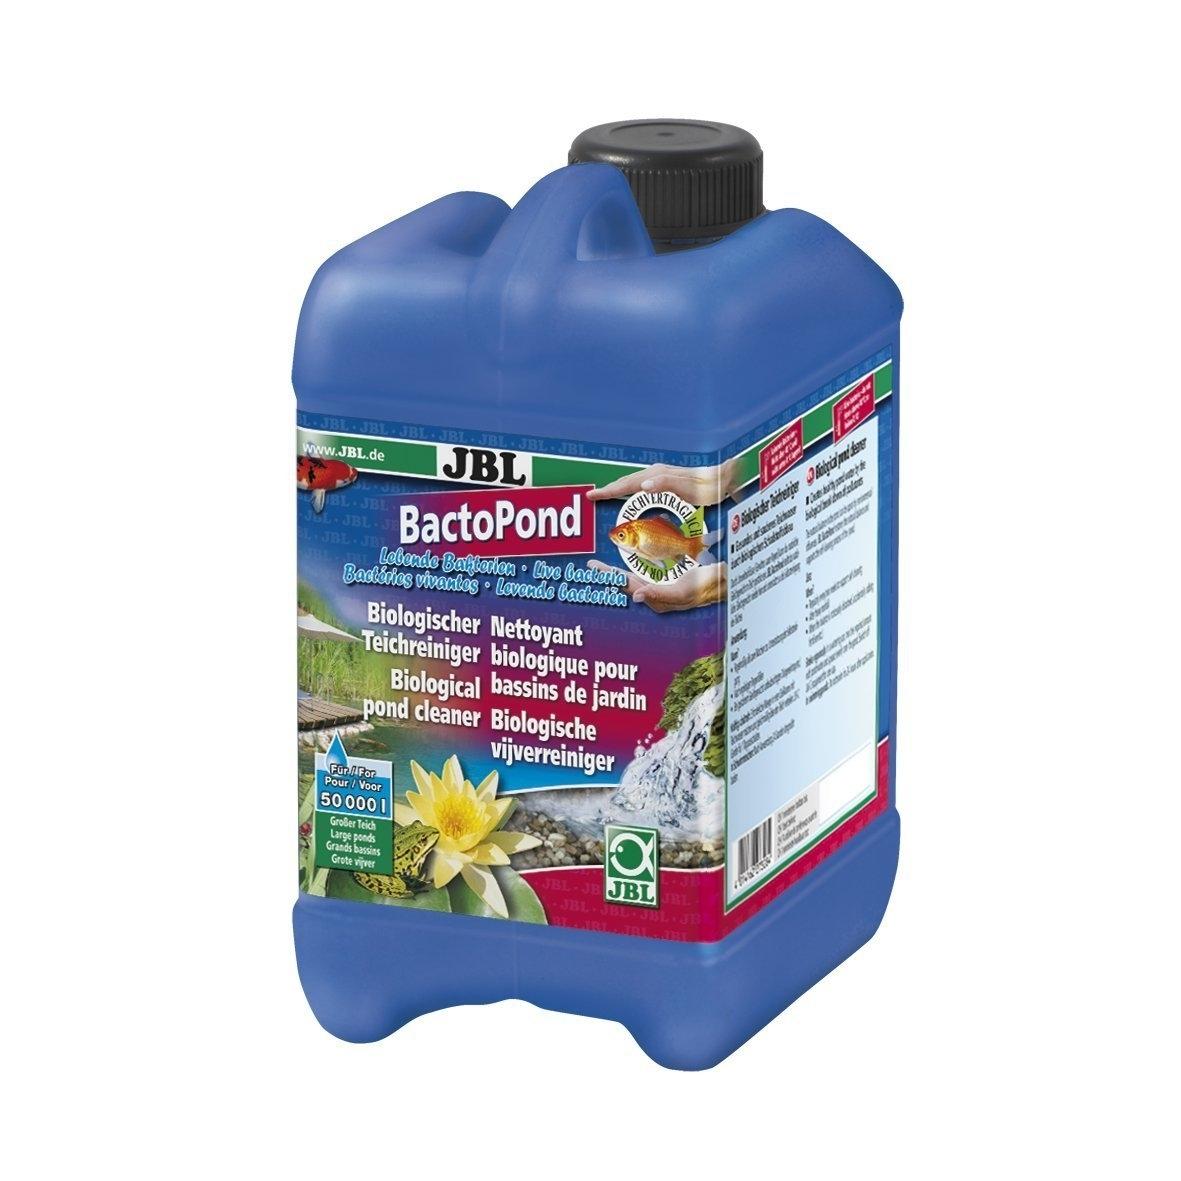 JBL BactoPond Bakterien zur Selbstreinigung vom Teich, 2,5 l